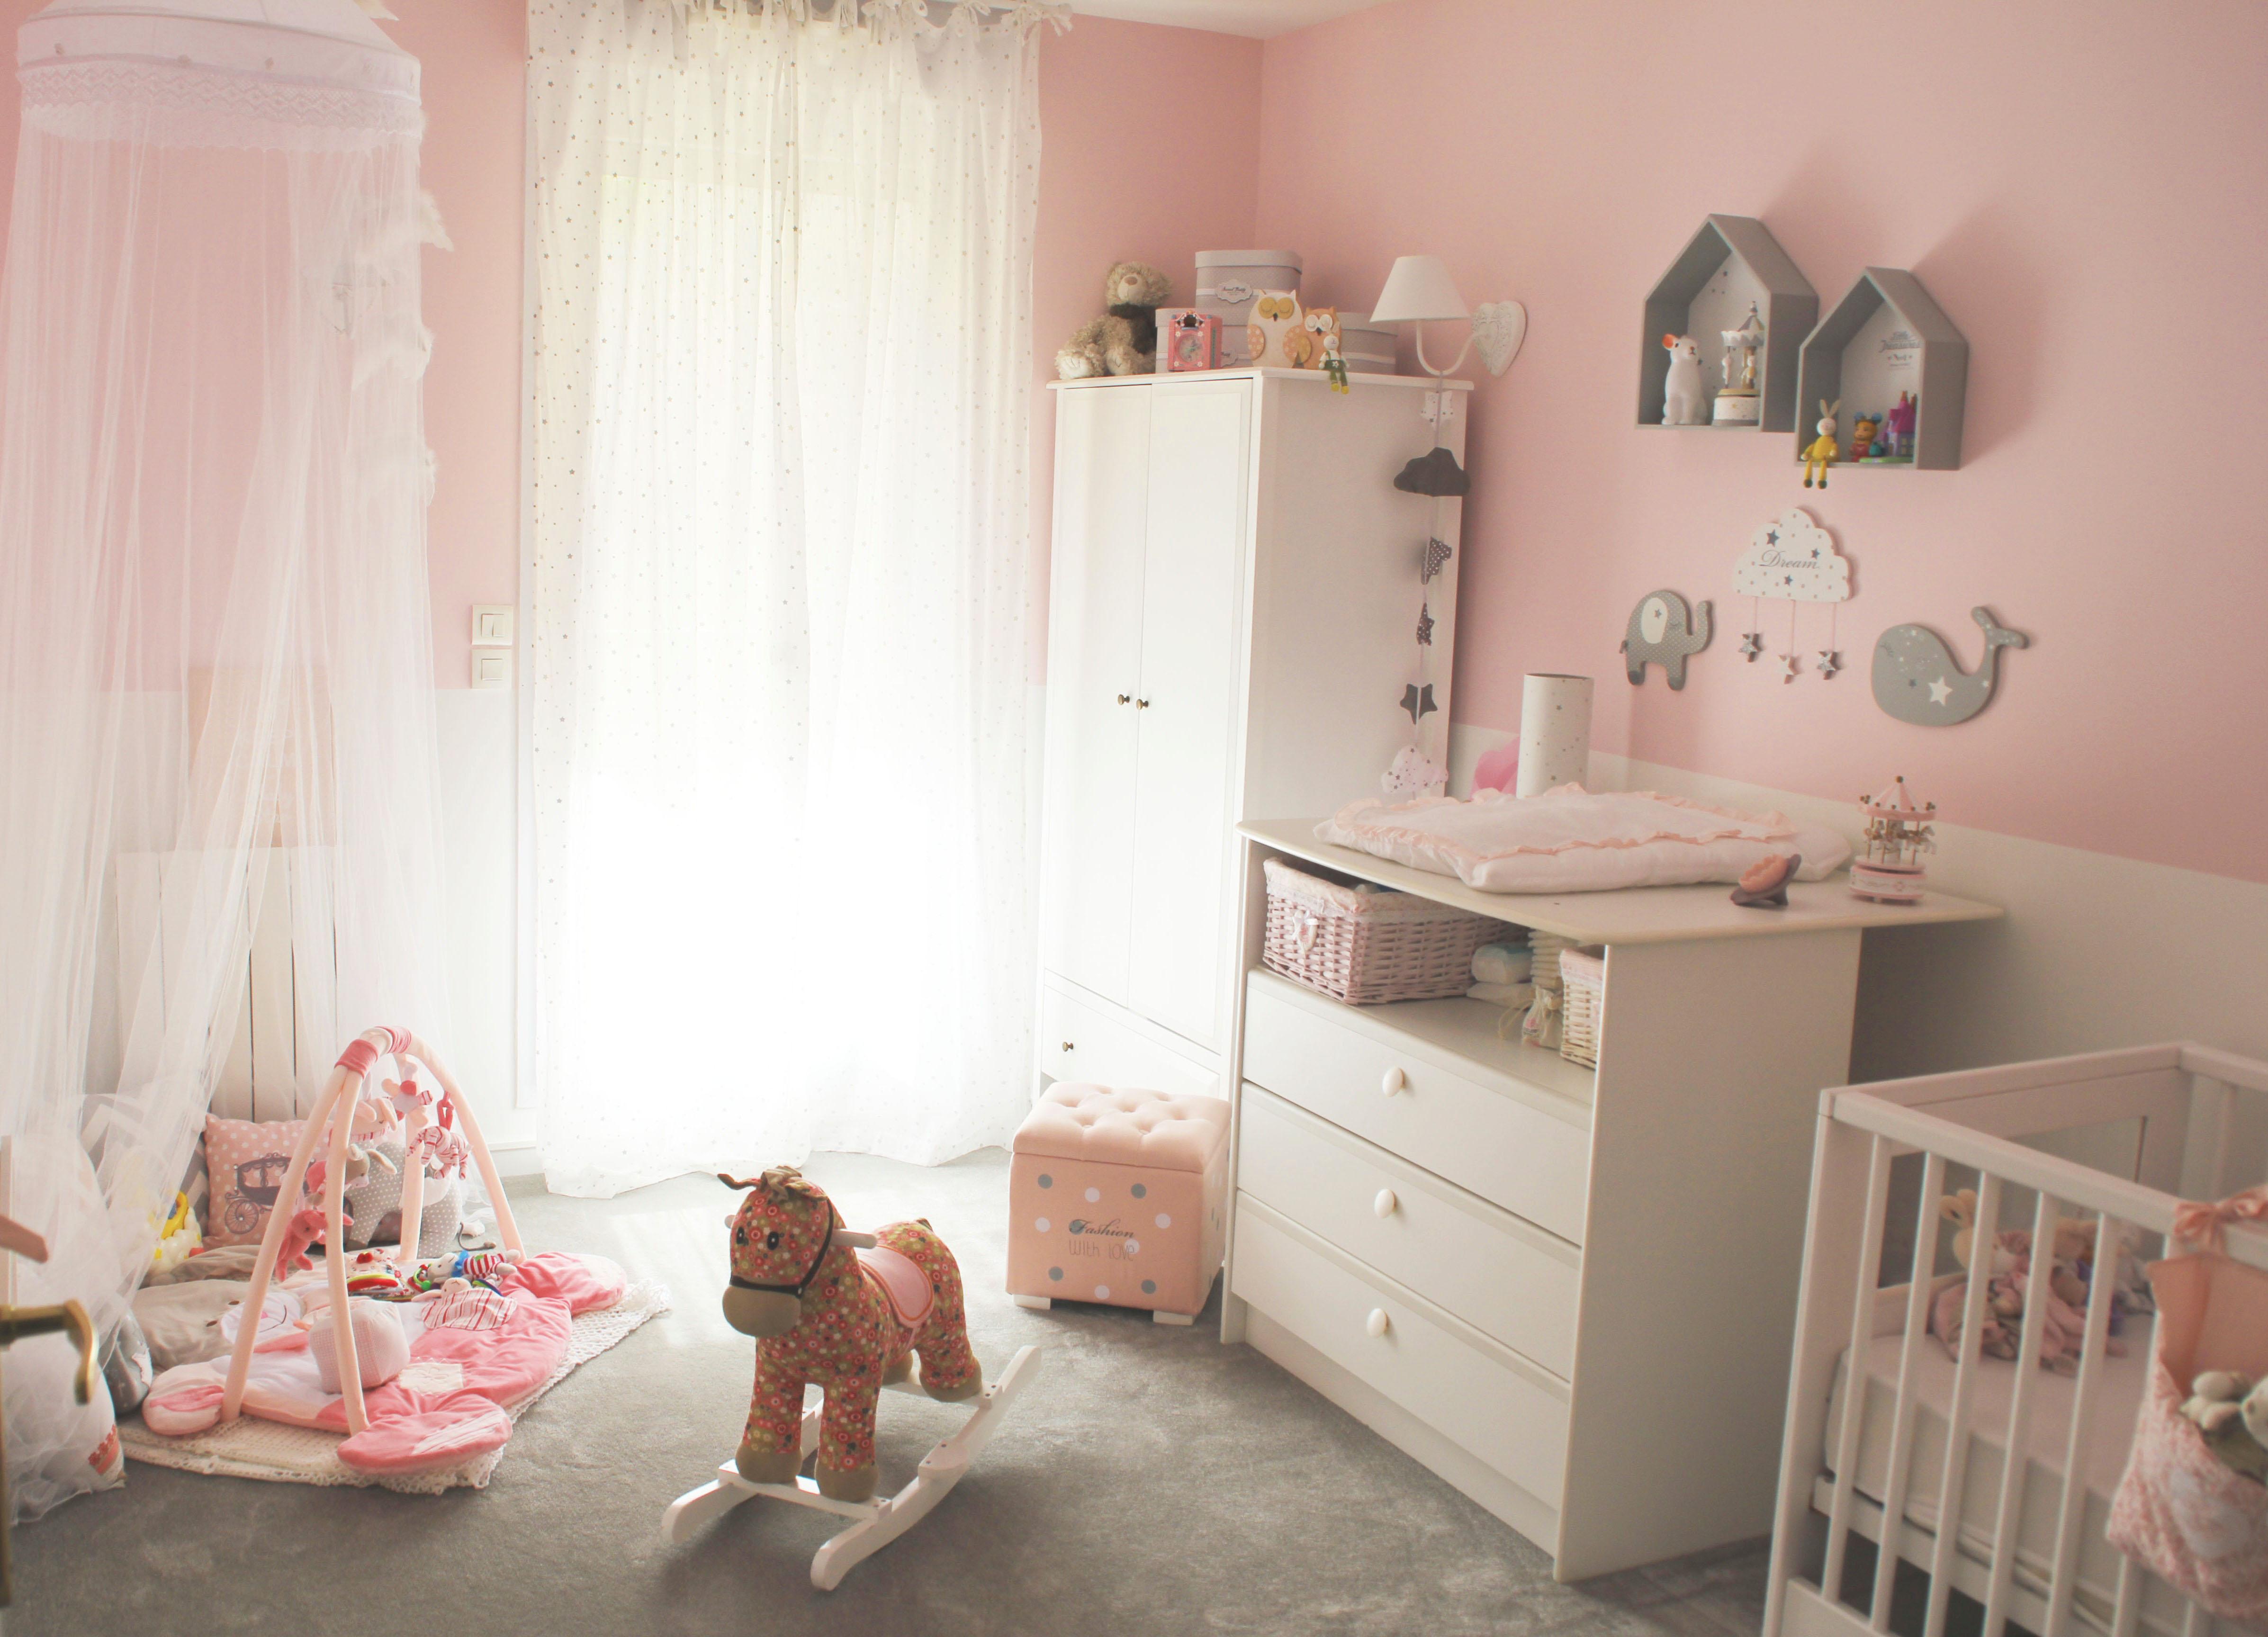 Idée déco chambre fille bébé - Idées de tricot gratuit